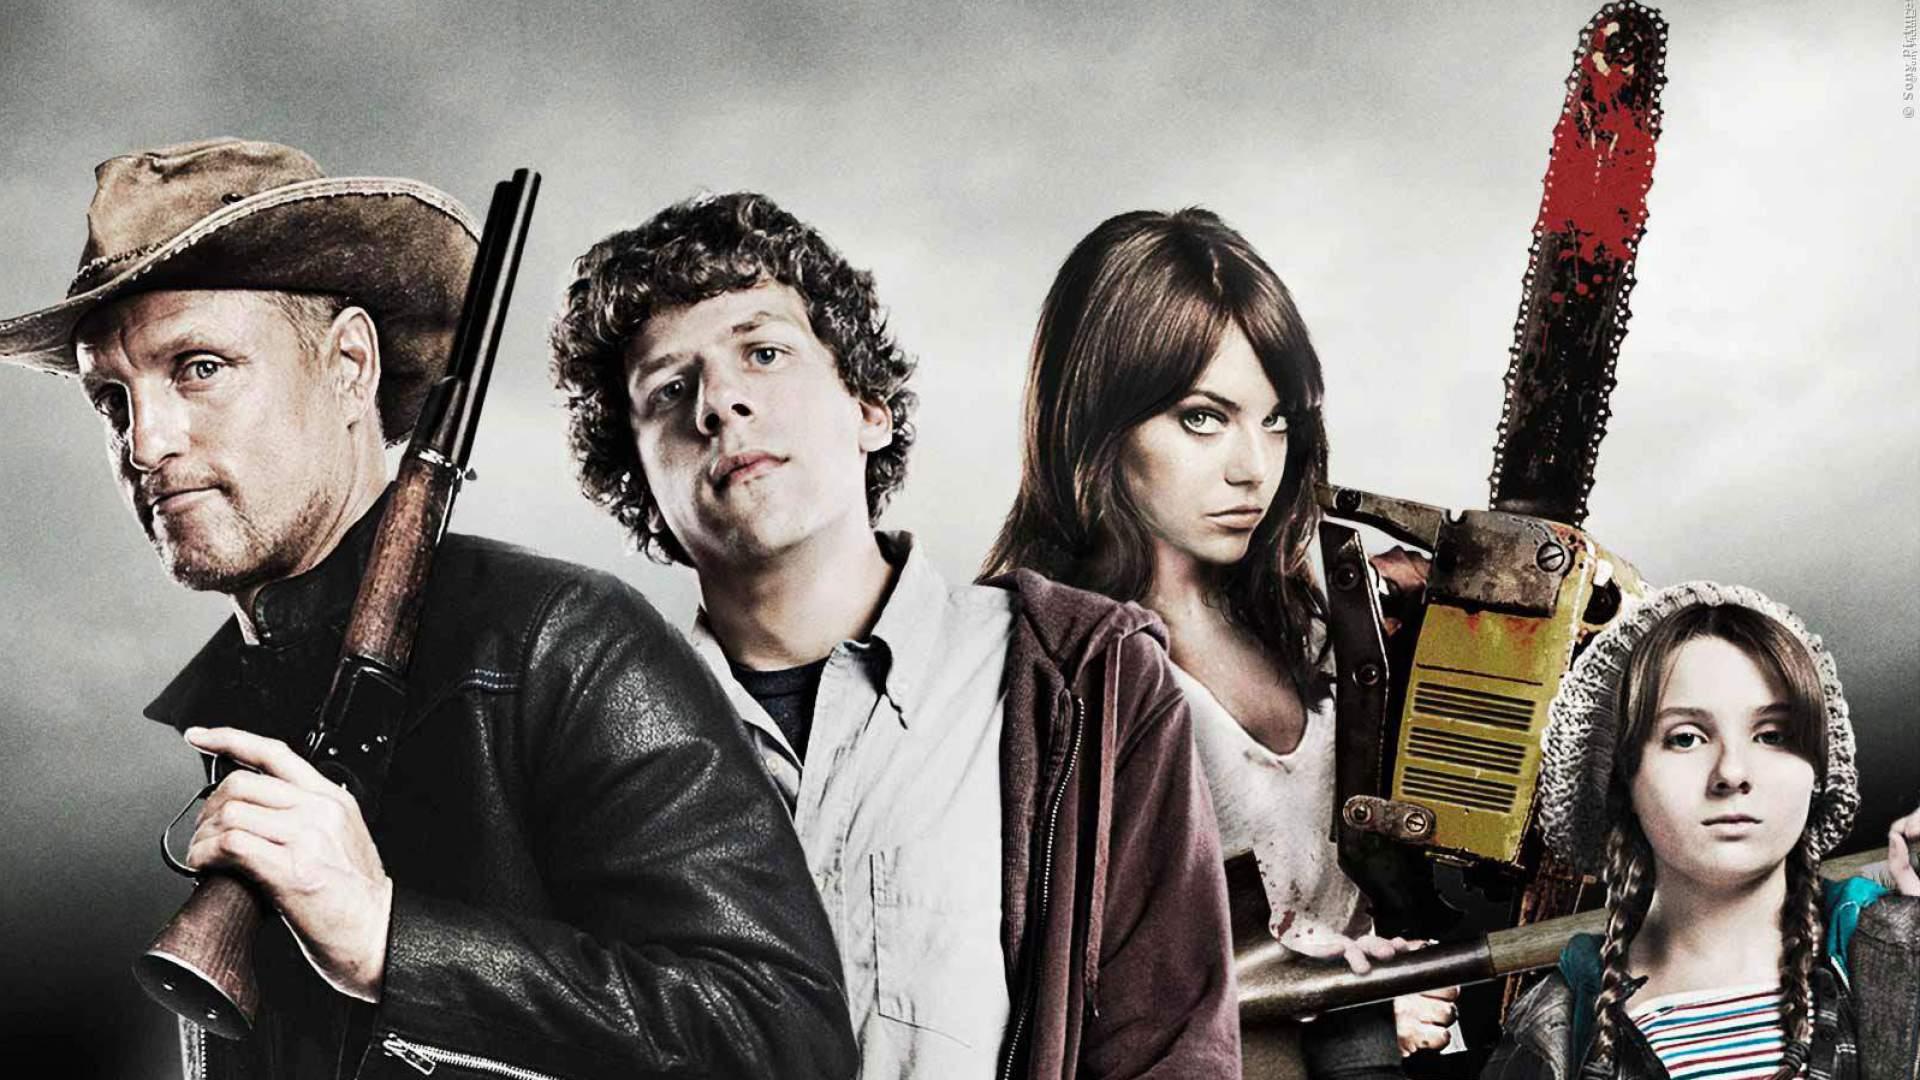 VIDEO: Zehn absolut krasse Filmfehler in 'Zombieland', die du bisher bestimmt übersehen hast!